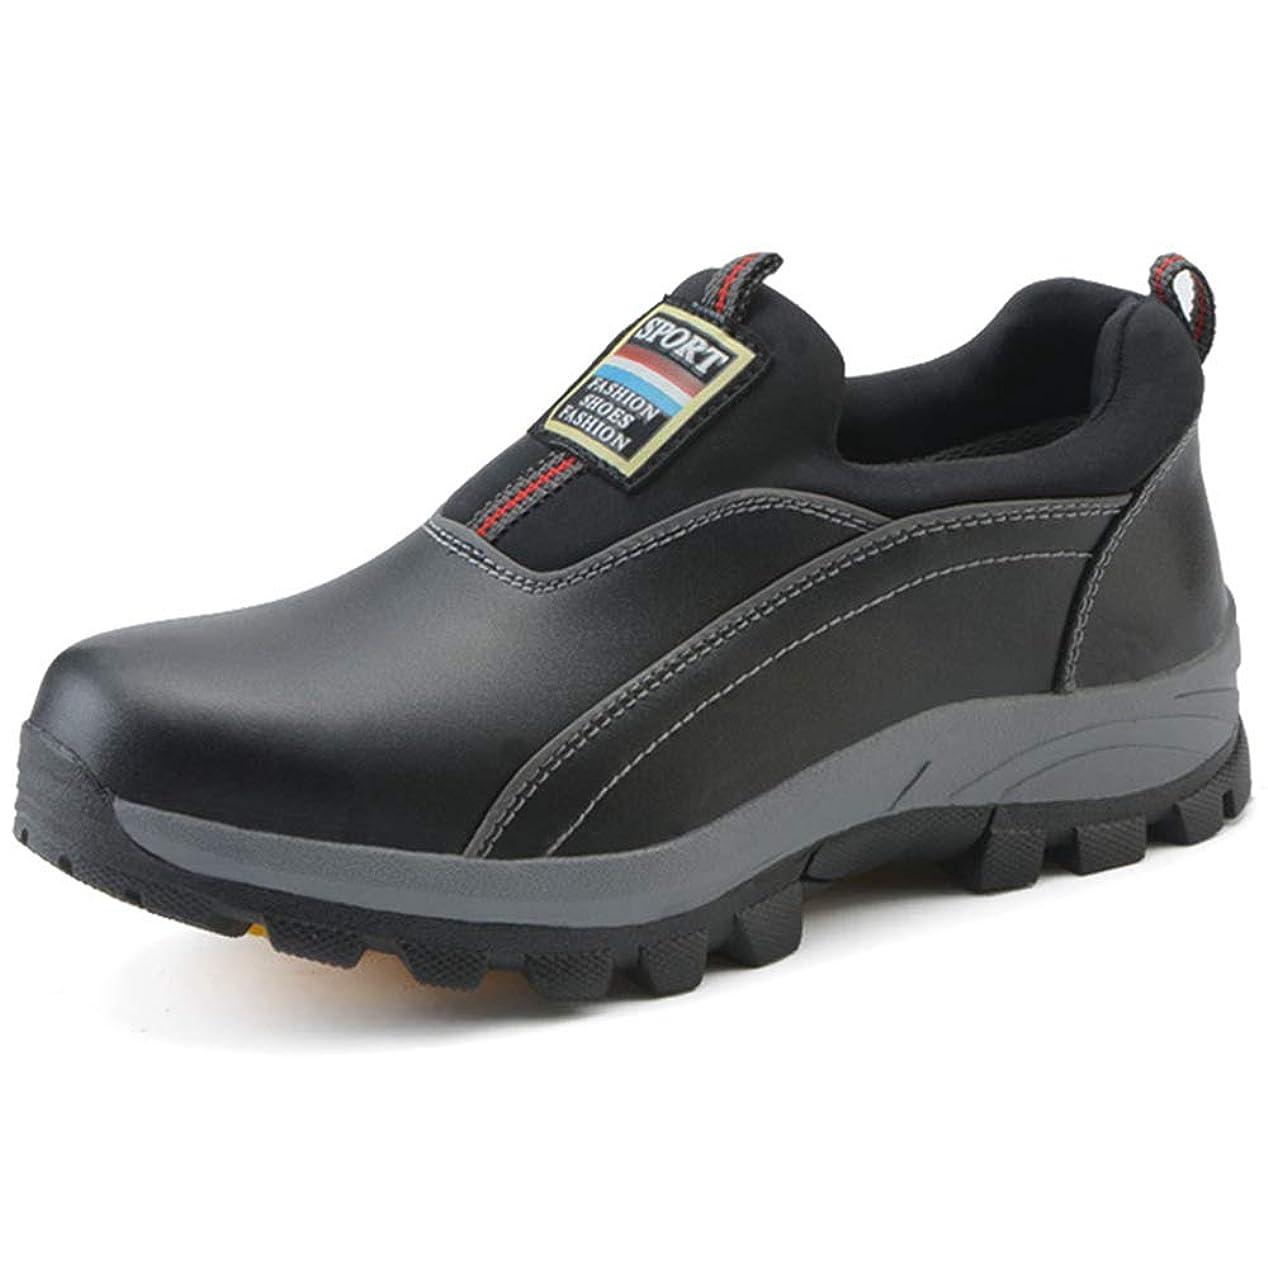 なので補助悲惨な[Florai-JP] メンズ スニーカー スリッポン 安全靴 作業靴 アウトドア ミドルカット 合皮 厚底 クッション 快適 先芯入り 鋼片付き 靴底防護 刺す叩く防止 普段履き対応 防水 耐滑 耐油 ブラック 黒 オシャレ